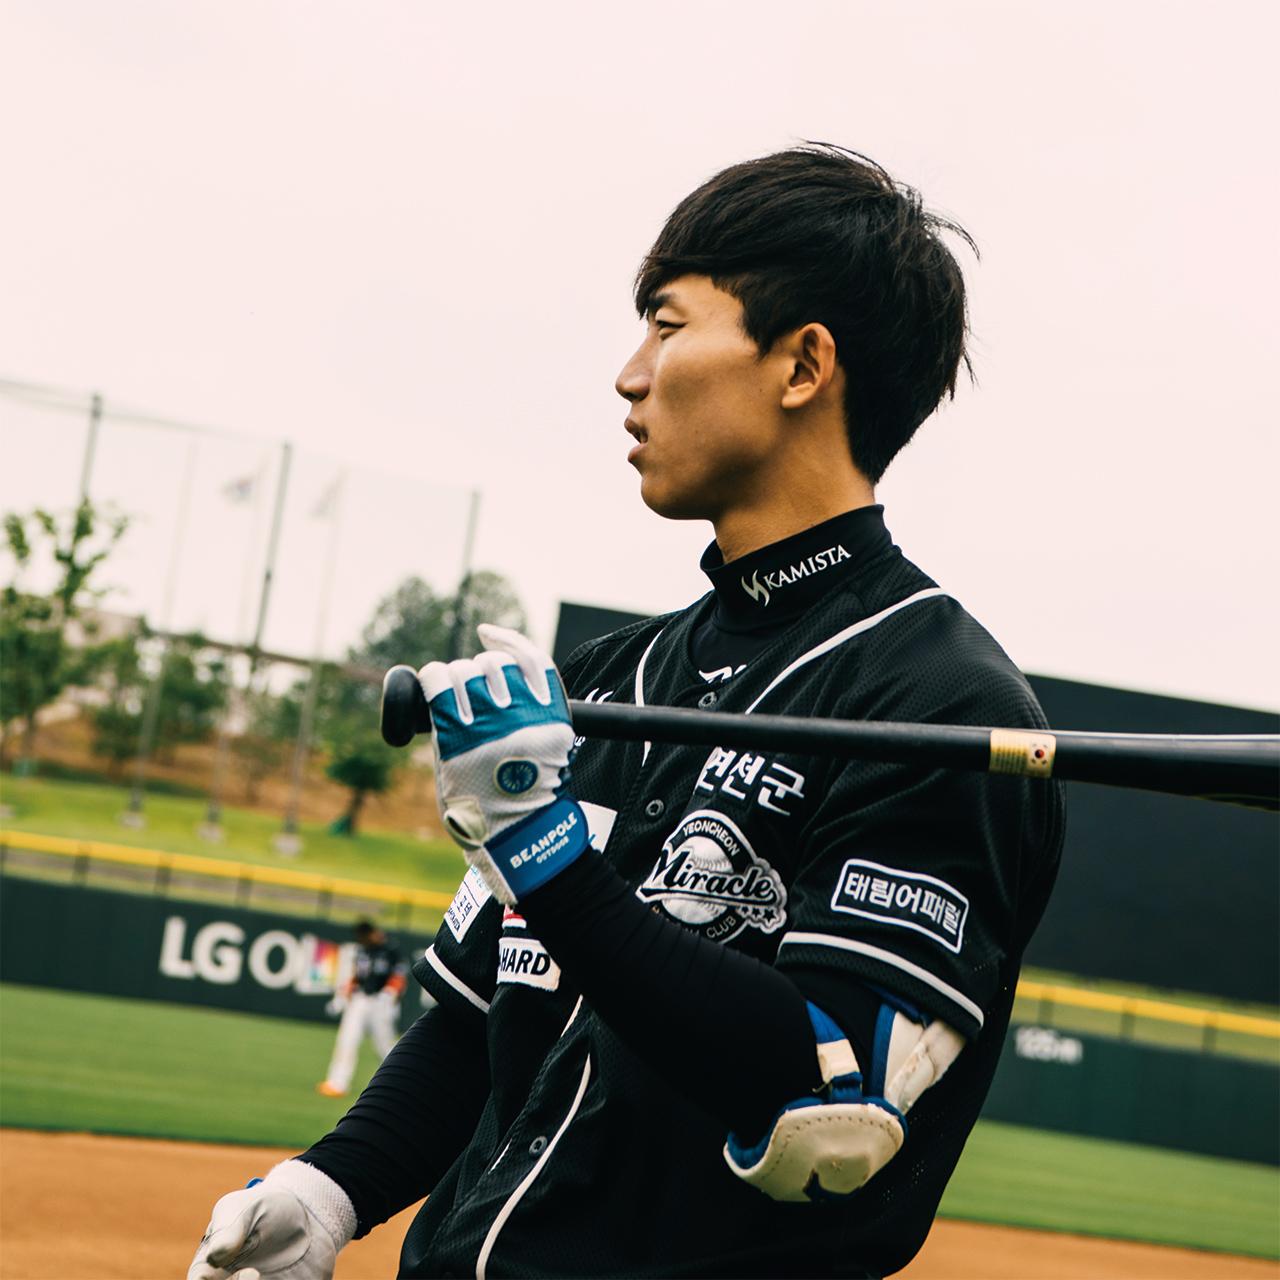 """<strong>김희준(3번, 1991년생), 내야수</strong><br/>""""계속 야구를 하고 싶어요. 친구들은 질린다고도 많이 하는데, 저는 솔직히 말하면 하고 싶어요. 애들도 좋고, 가르치는 것도 그것만의 매력이 있고, 하는 것도 하는 것만의 매력이 있어요."""""""